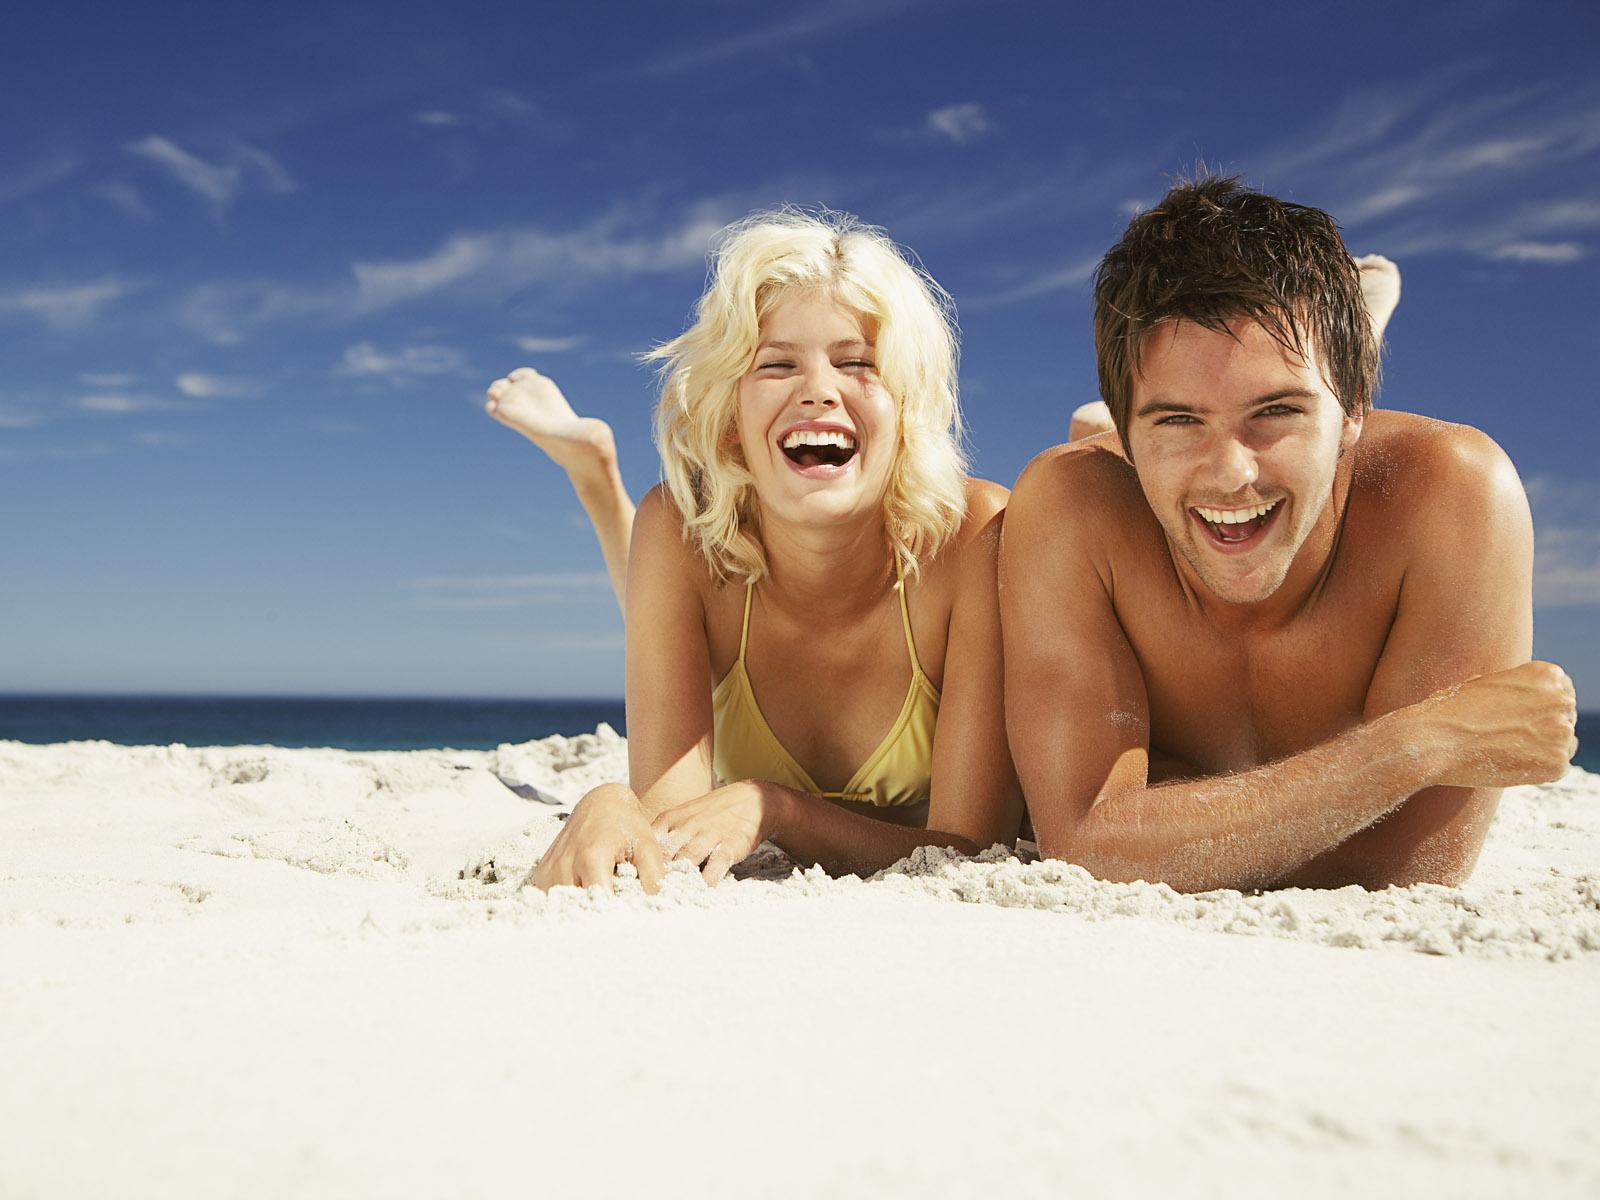 Фото обычных людей на пляже 22 фотография